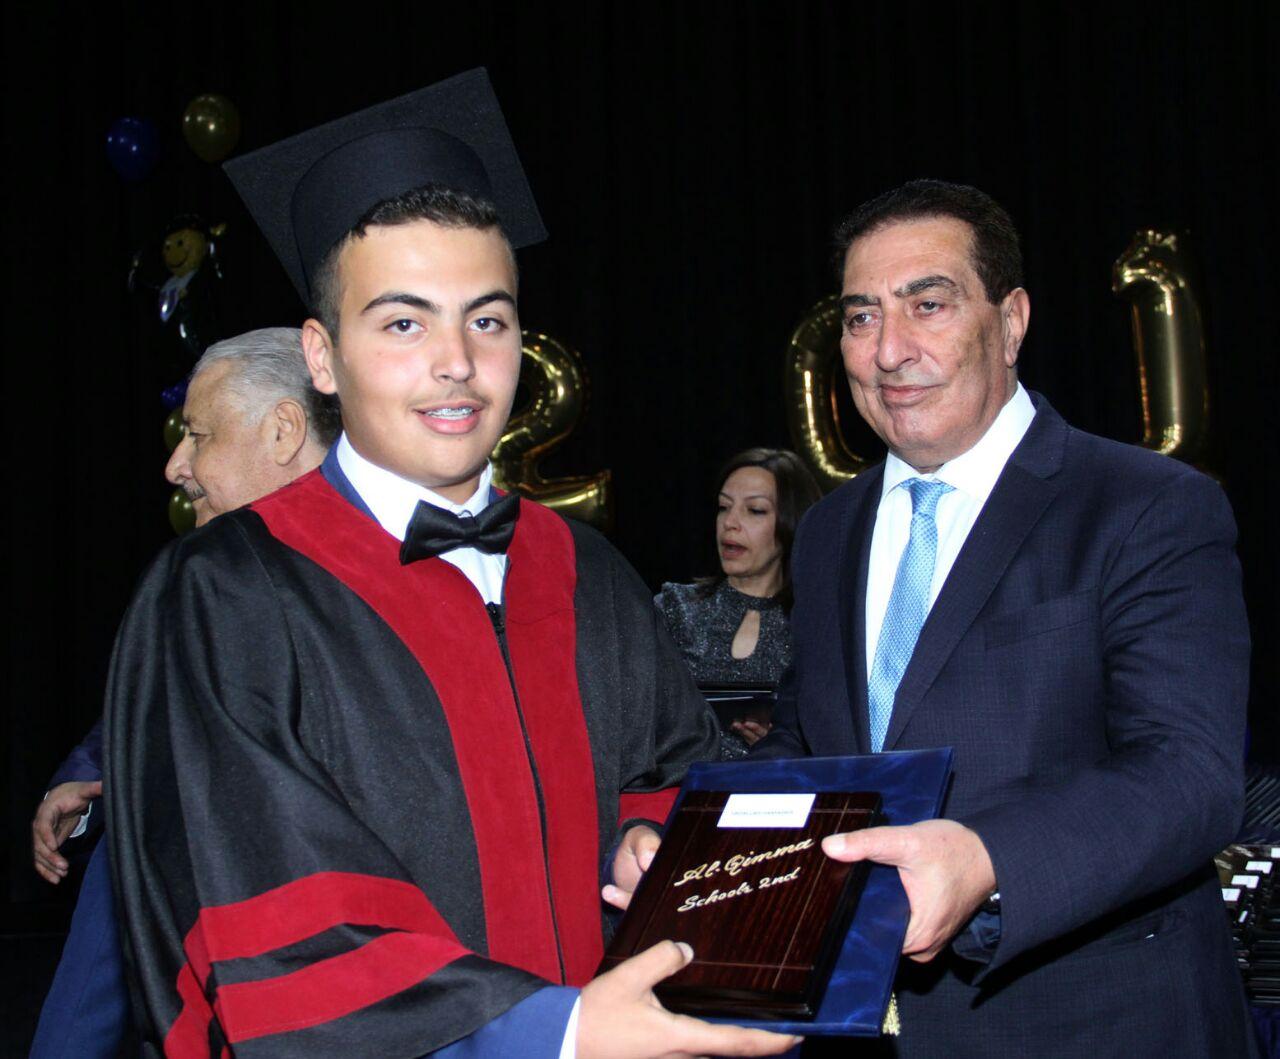 عبد الله رائد حمادة مبارك التخرج